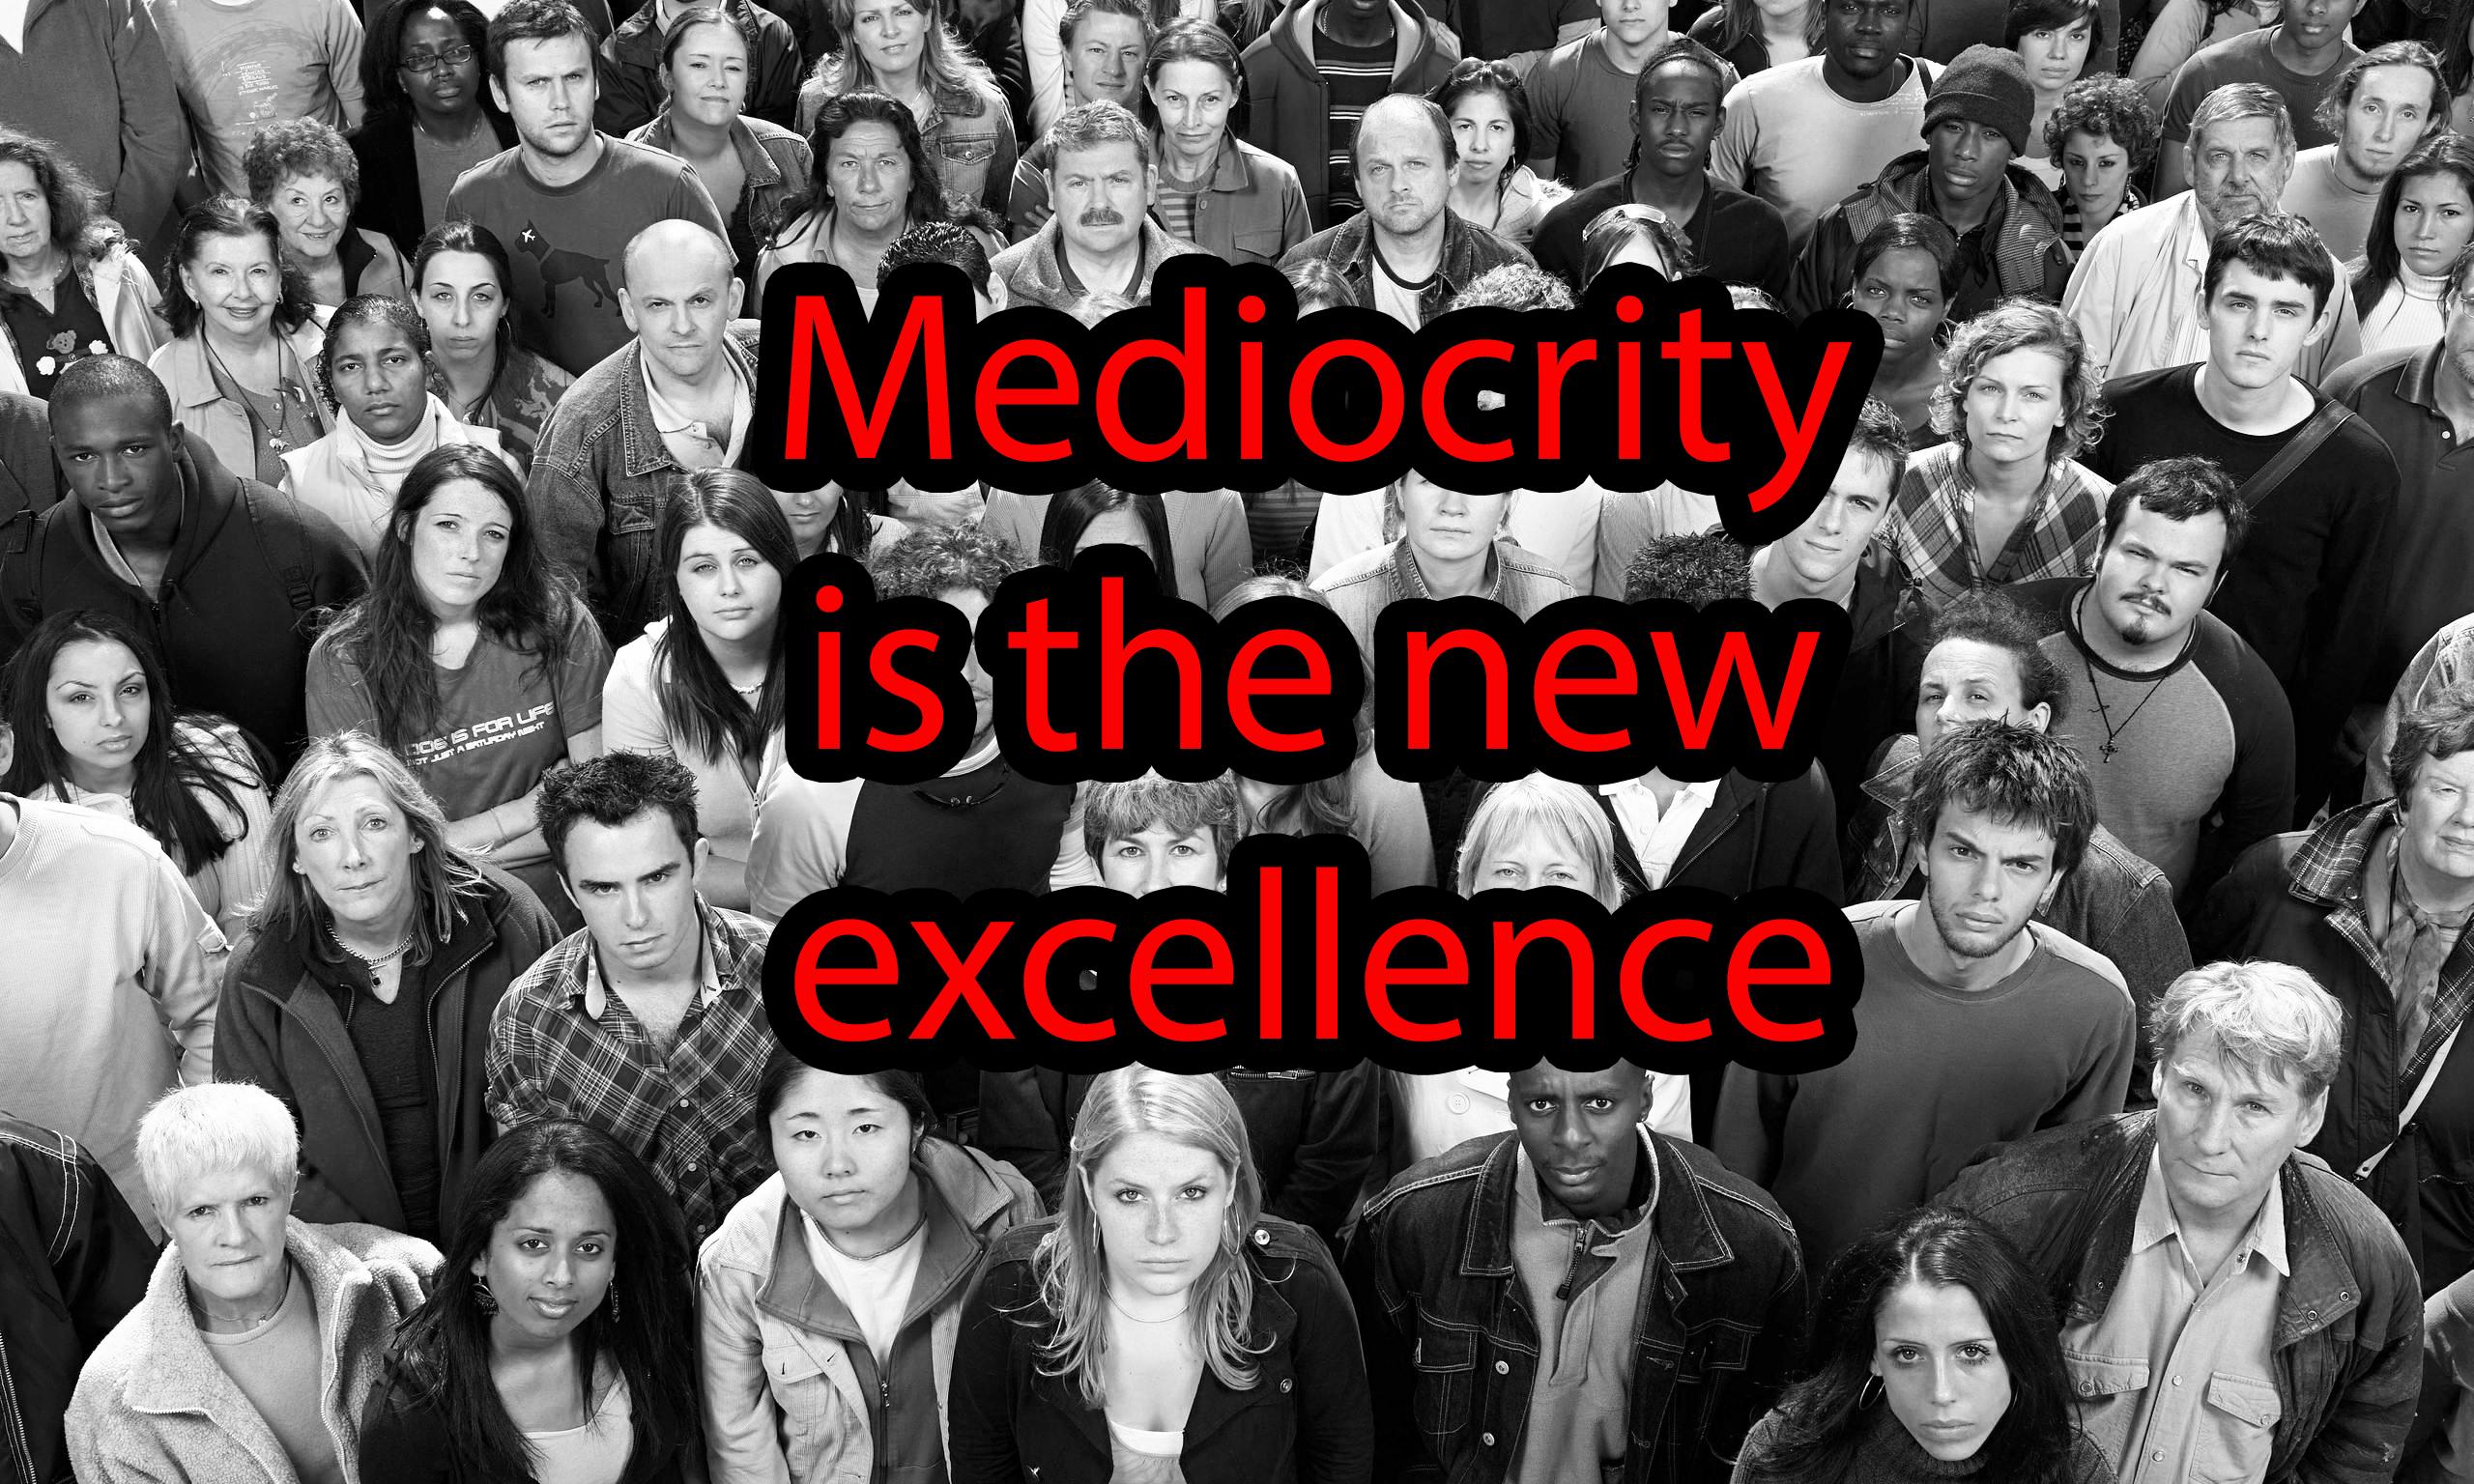 Mediocrity sets the bar